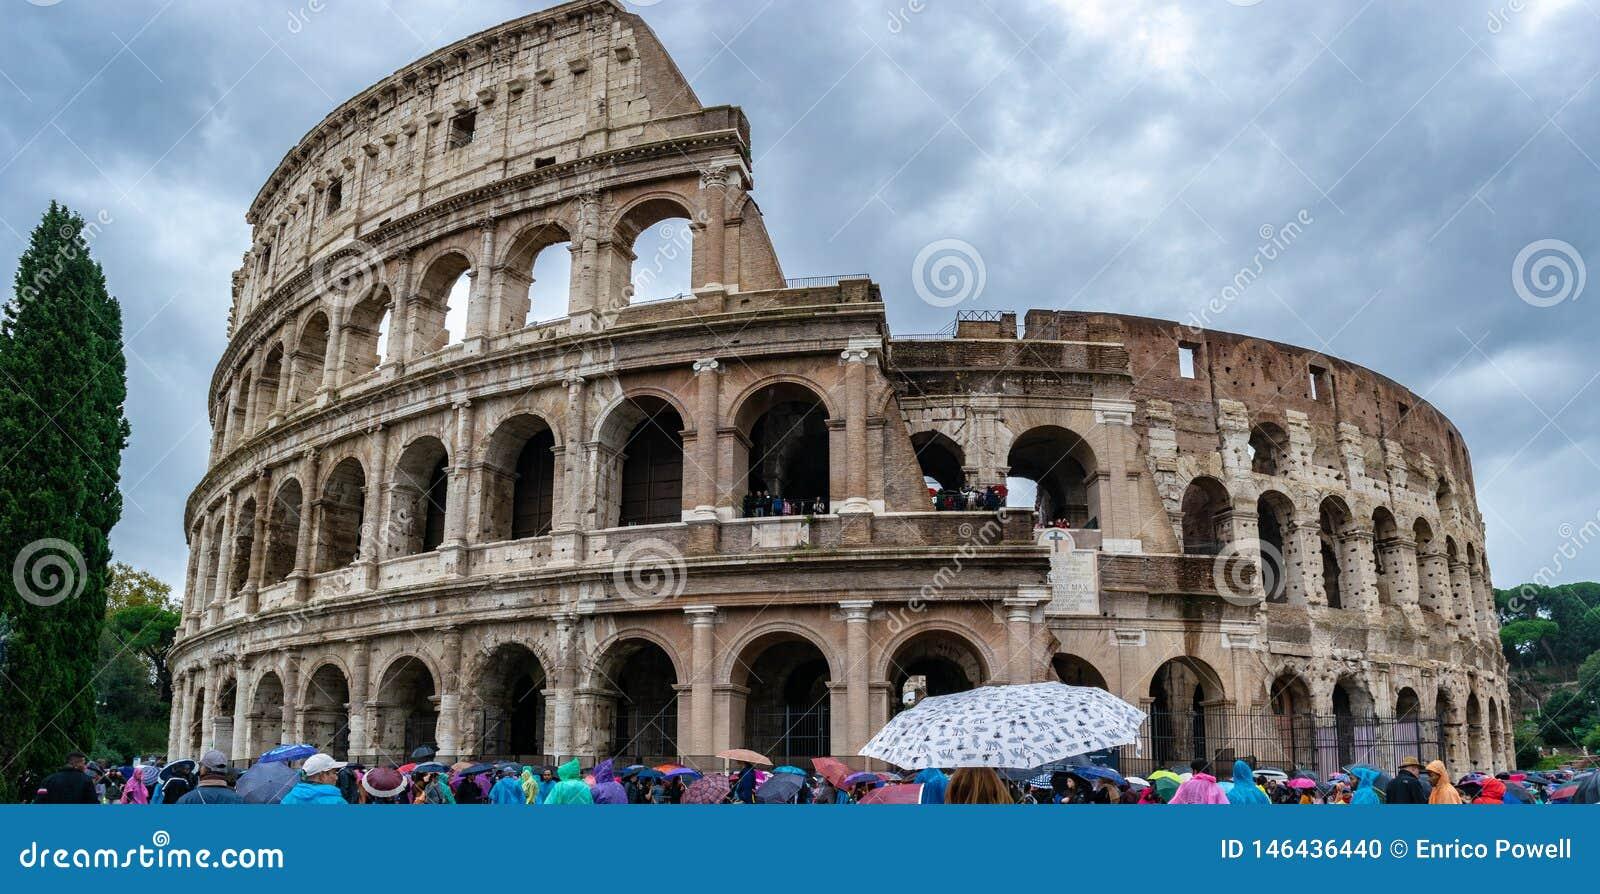 O coliseu ou Flavian Amphitheatre de Colosseum são um anfiteatro oval no centro da cidade de Roma, Itália